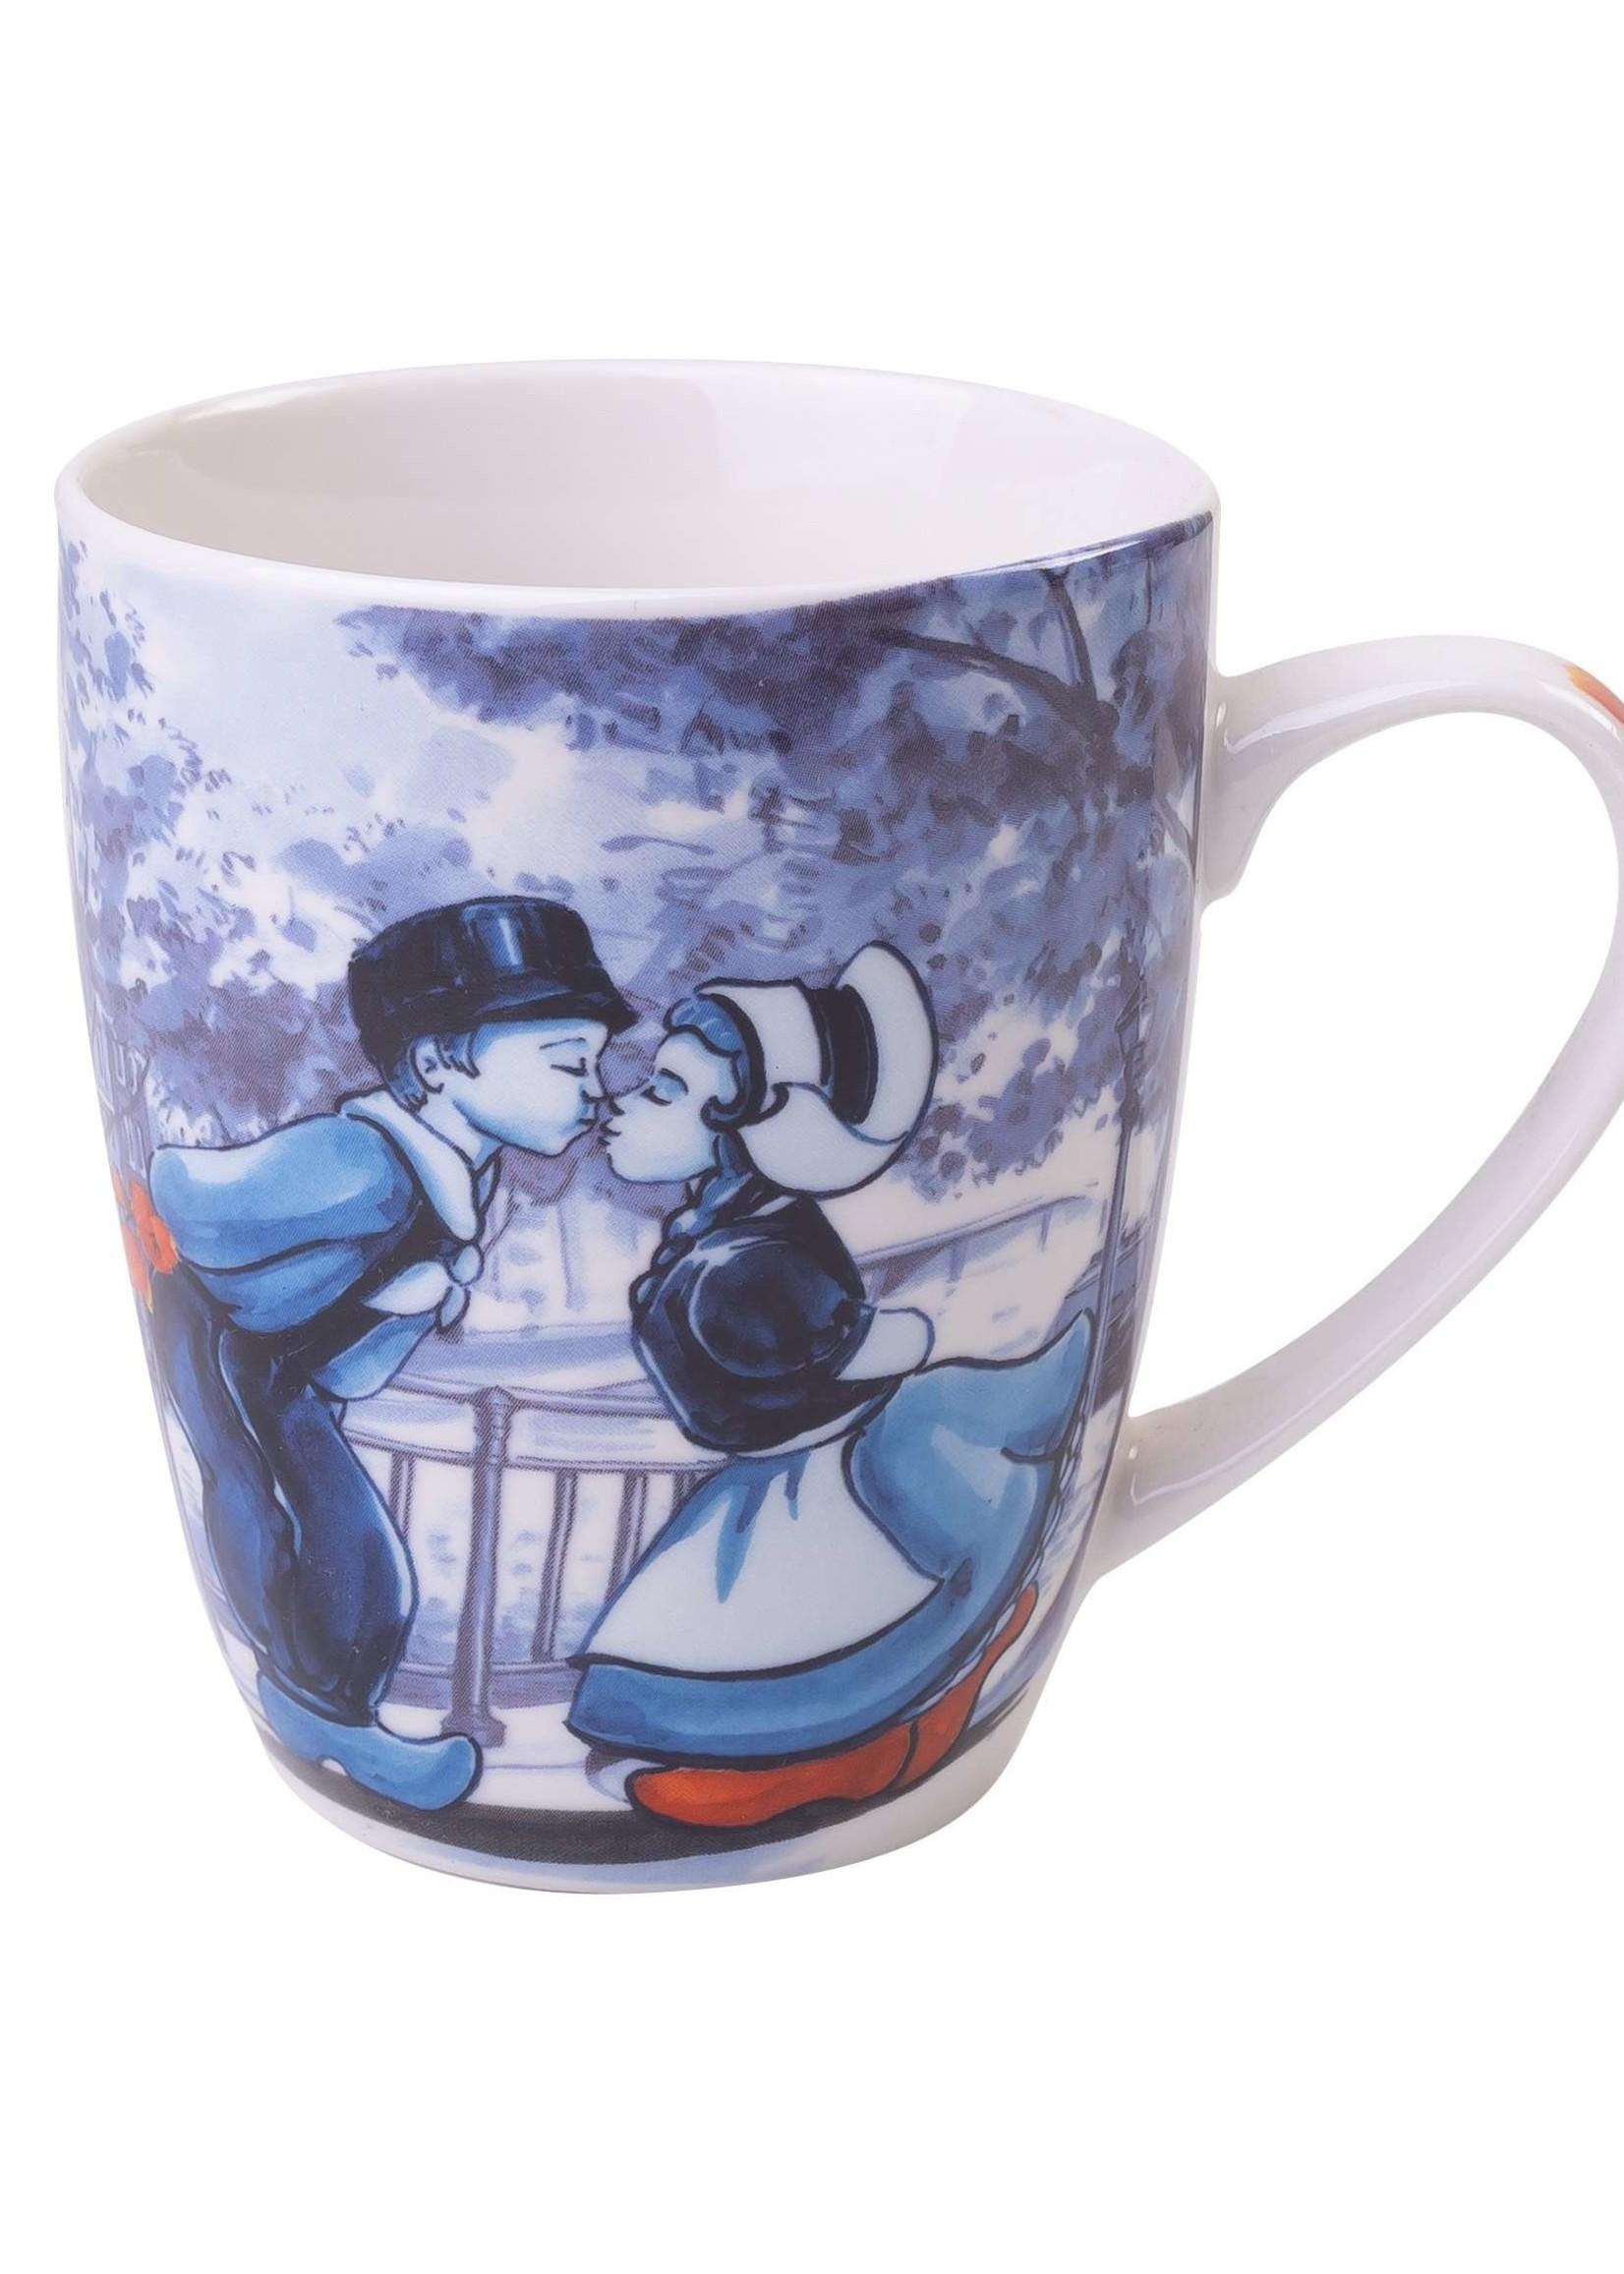 Delfts Blauwe Mok met een Hollands Kussend Paar